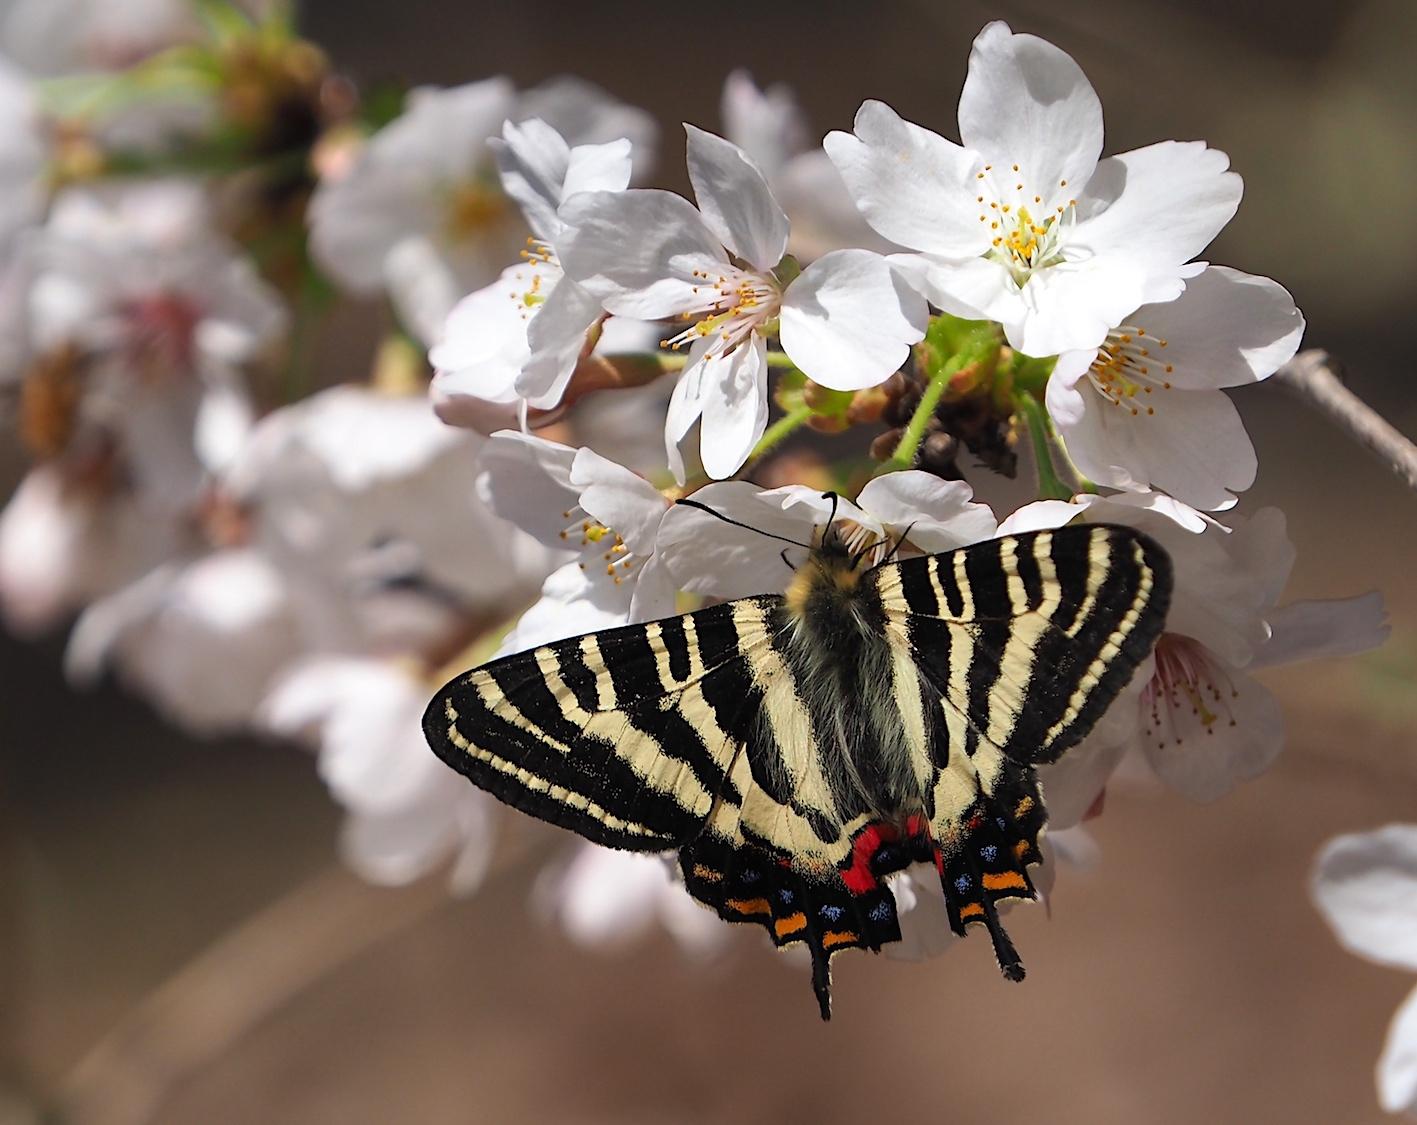 春の女神ギフチョウ、卵も撮れた午前の部(2020年3月31日)_d0303129_02584525.jpg